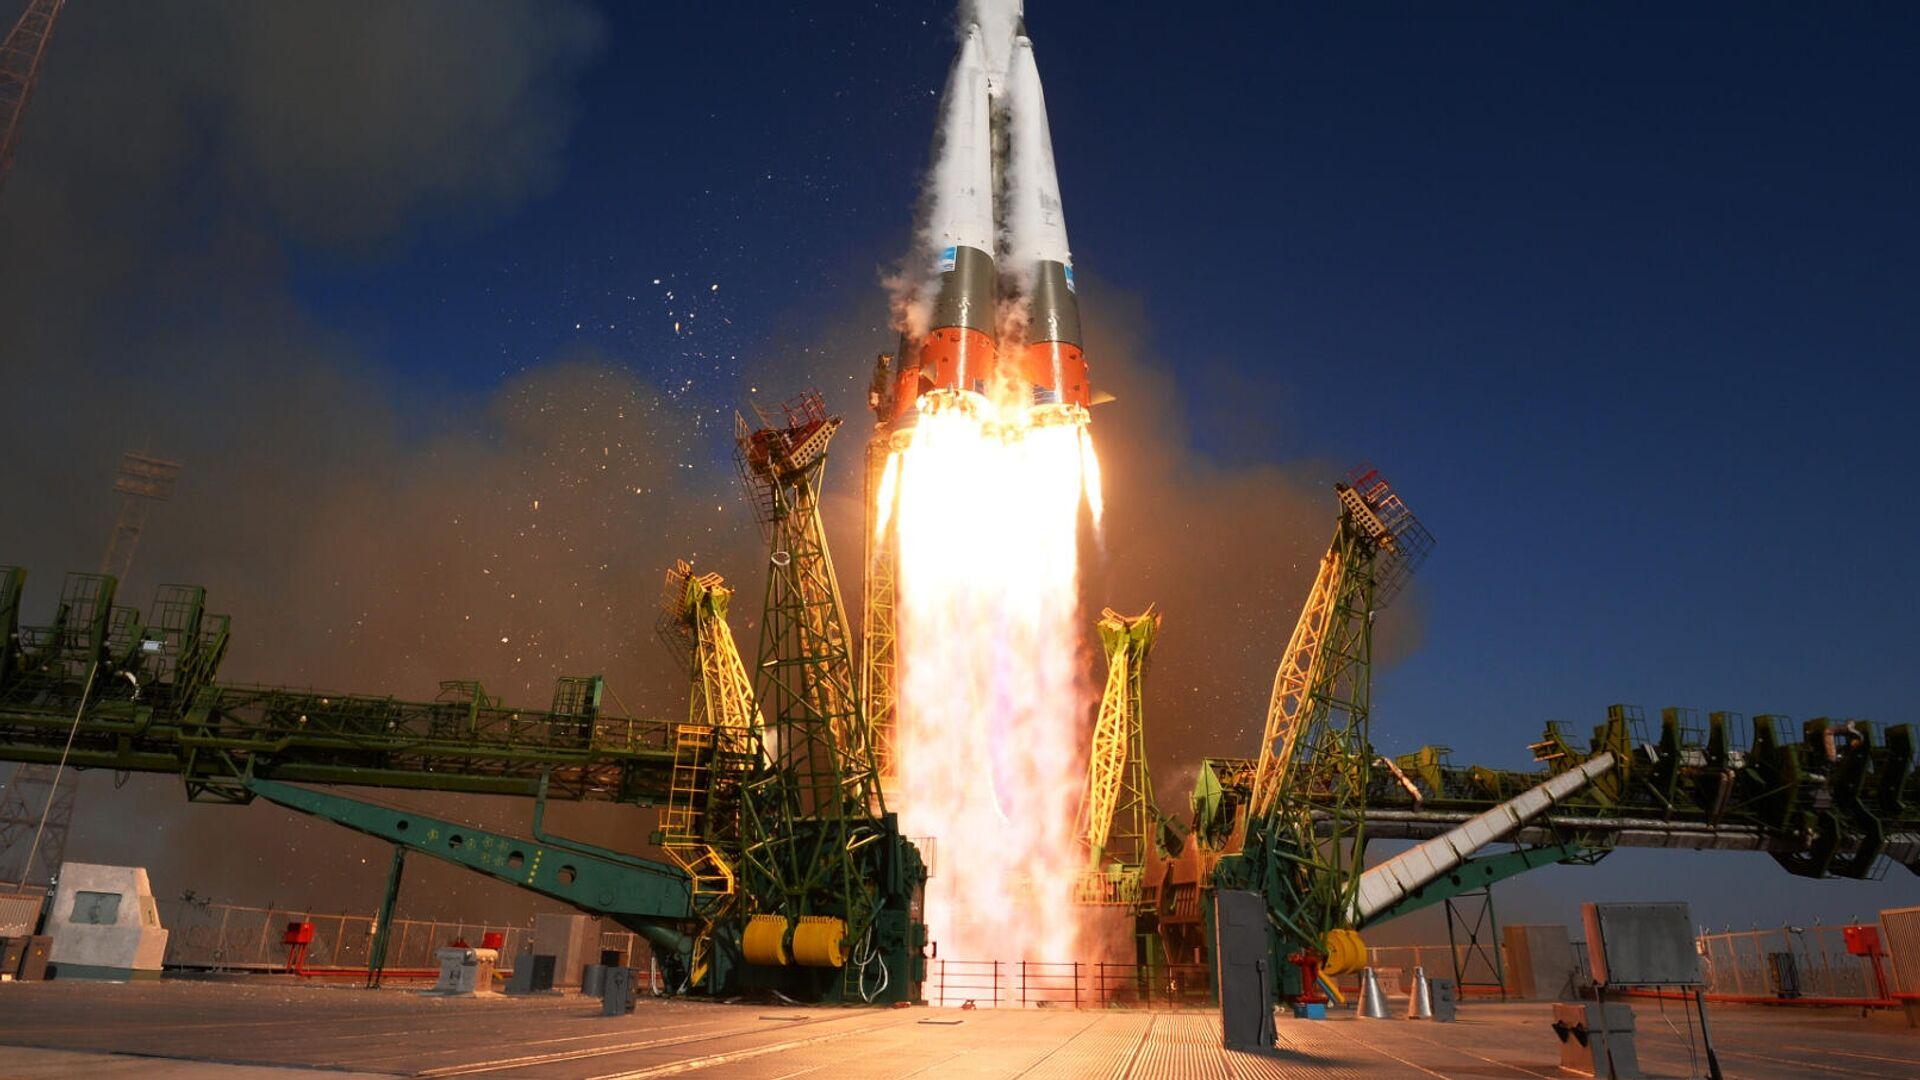 Запуск ракеты-носителя - РИА Новости, 1920, 23.01.2021